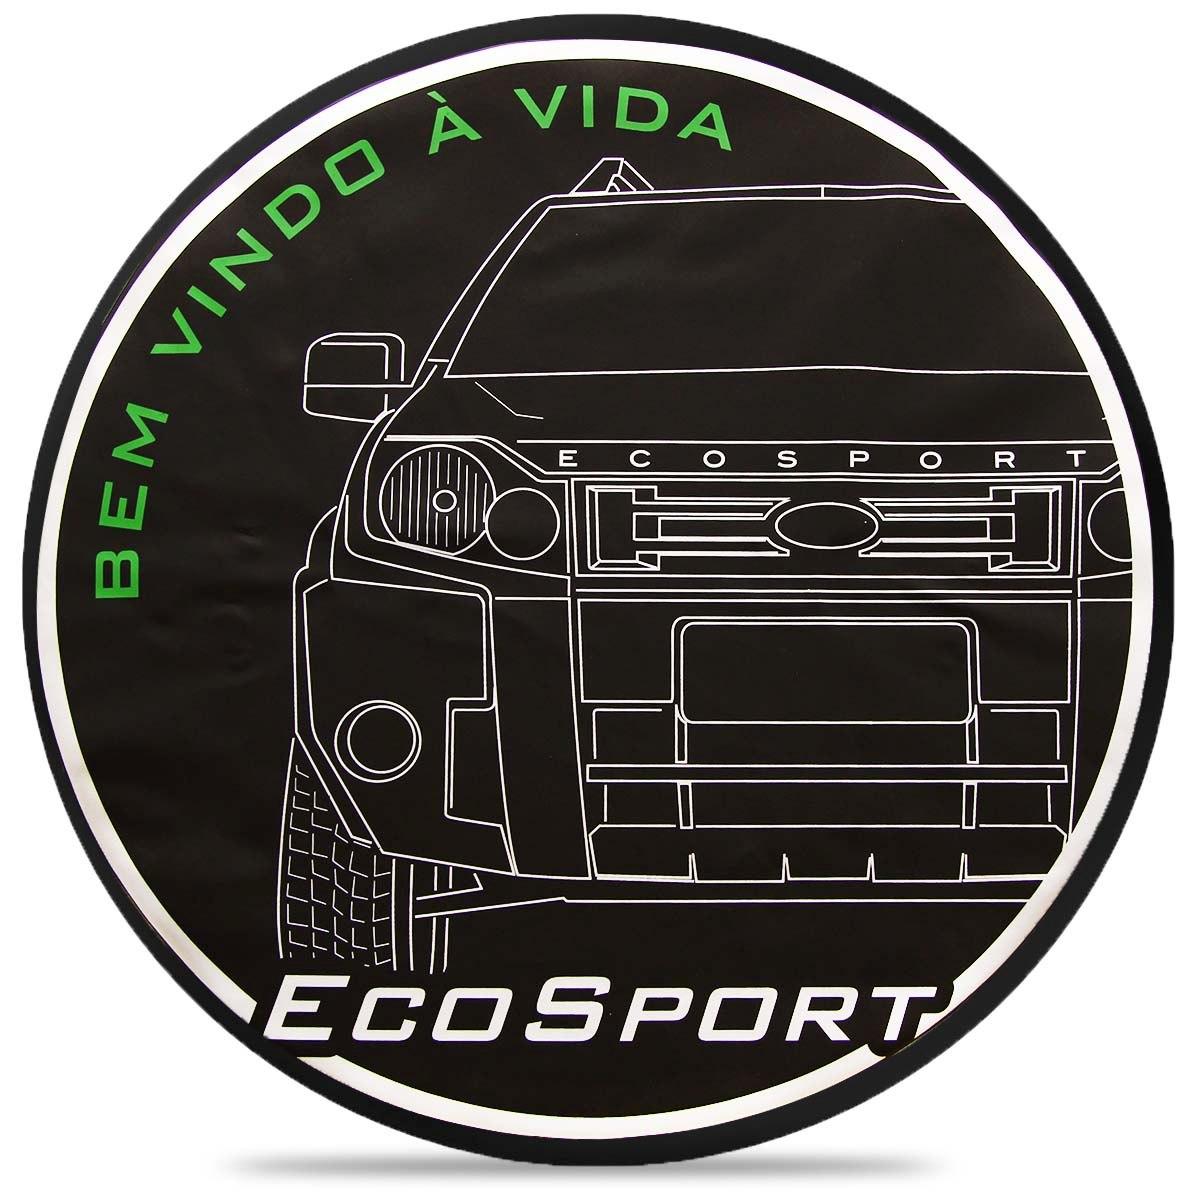 Bem Vindo Sport: Capa De Estepe Bem Vindo A Vida Ecosport Personalizada